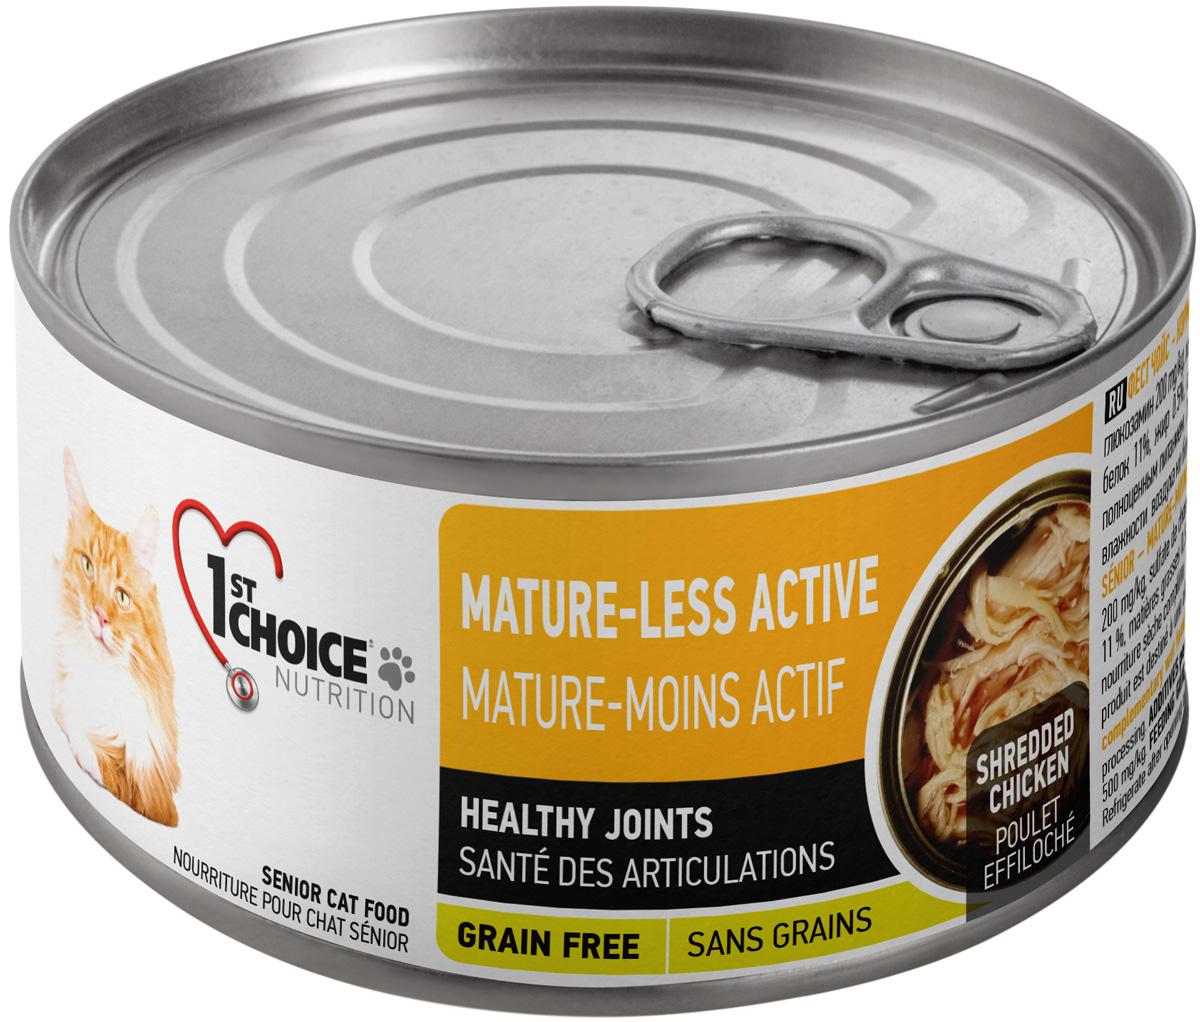 1st Choice Cat Adult Mature Or Less Active беззерновые для пожилых и малоактивных кошек с курицей и яблоками в масле тунца 85 гр (85 гр х 24 шт)